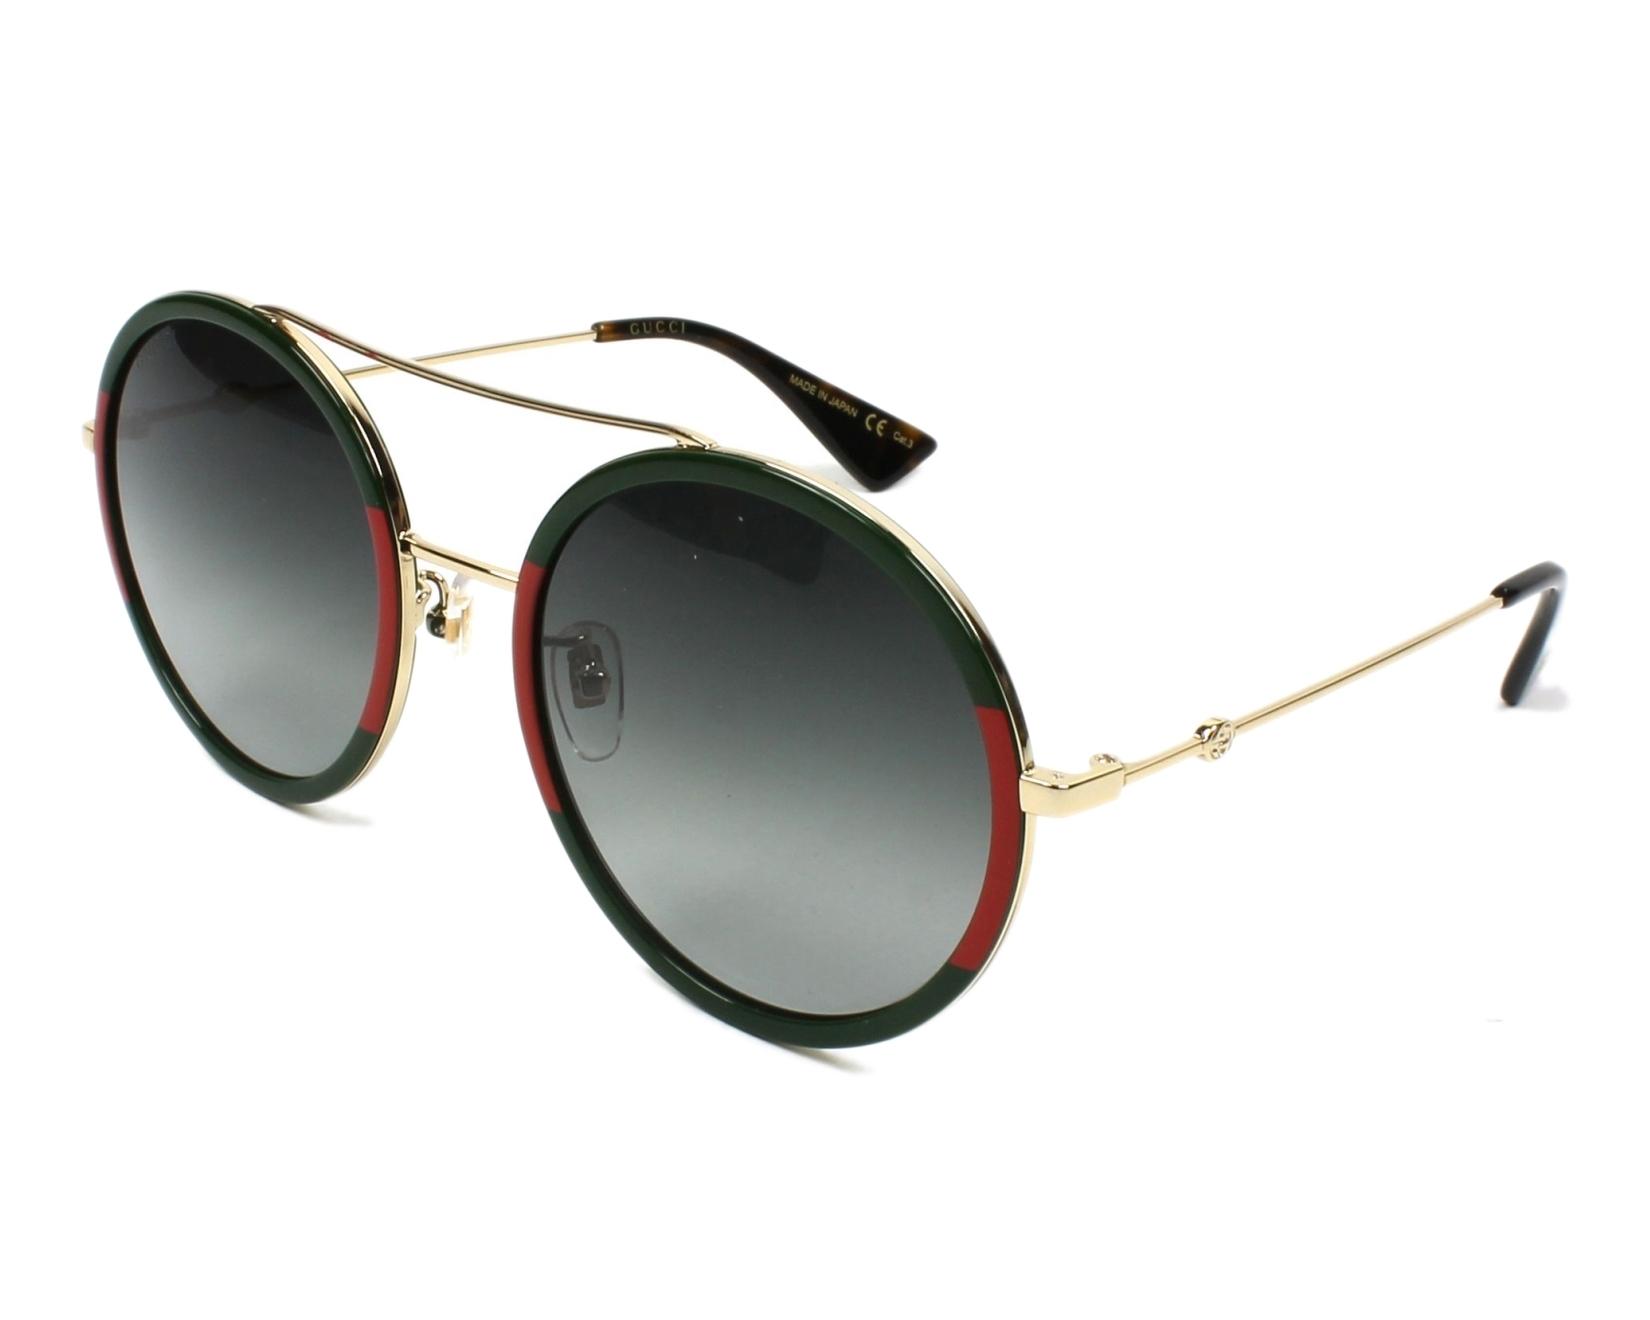 f31e1d3c8c861 Sunglasses Gucci GG-0061-S 003 56-22 Green Red profile view